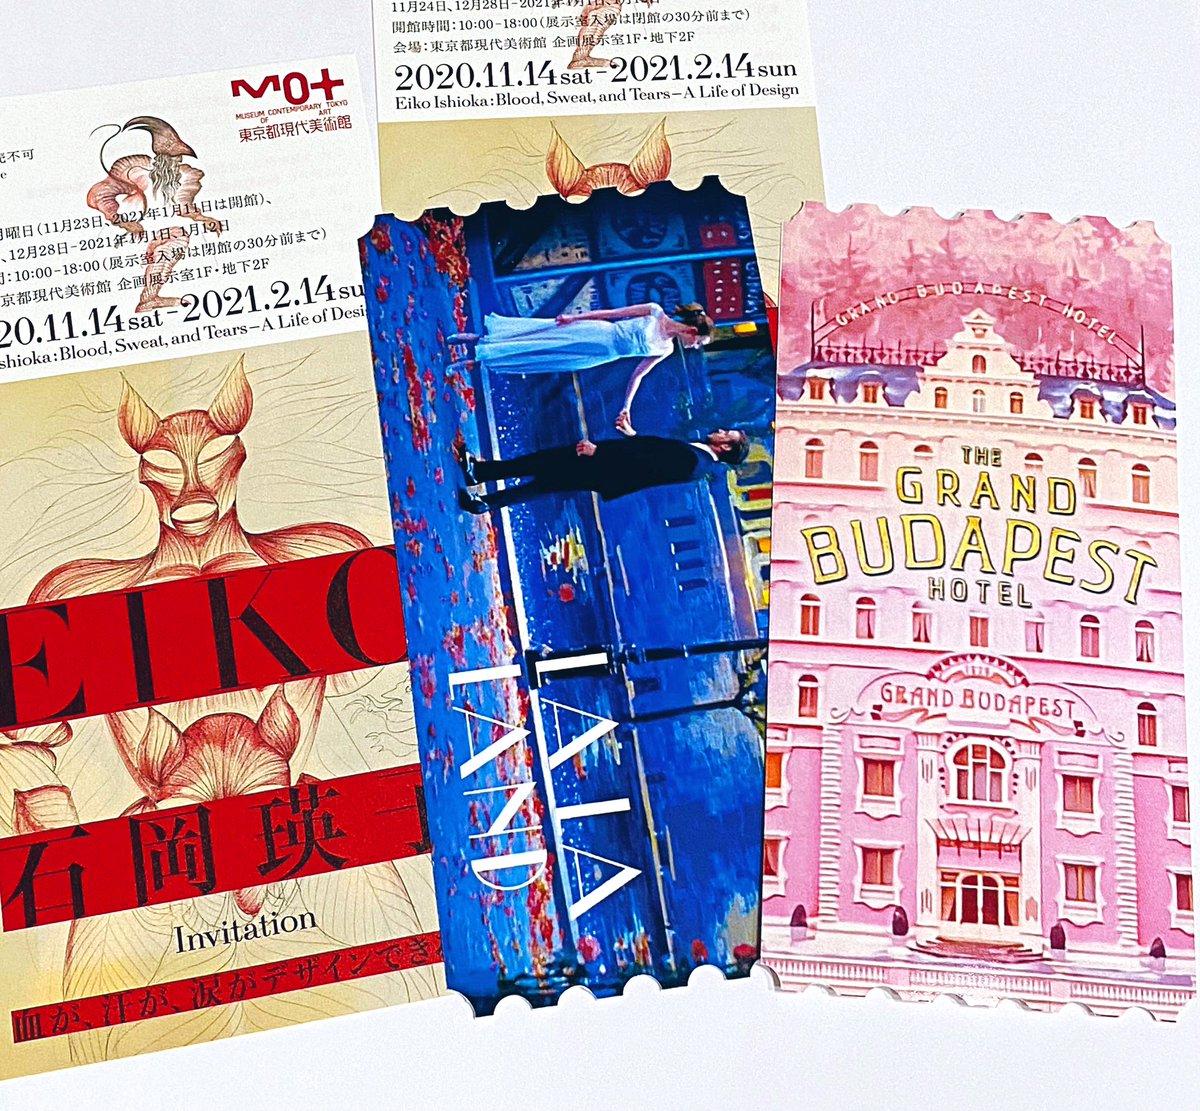 石岡 瑛子 展 チケット 石岡瑛子の全貌を網羅した一冊 決定版作品集「石岡瑛子